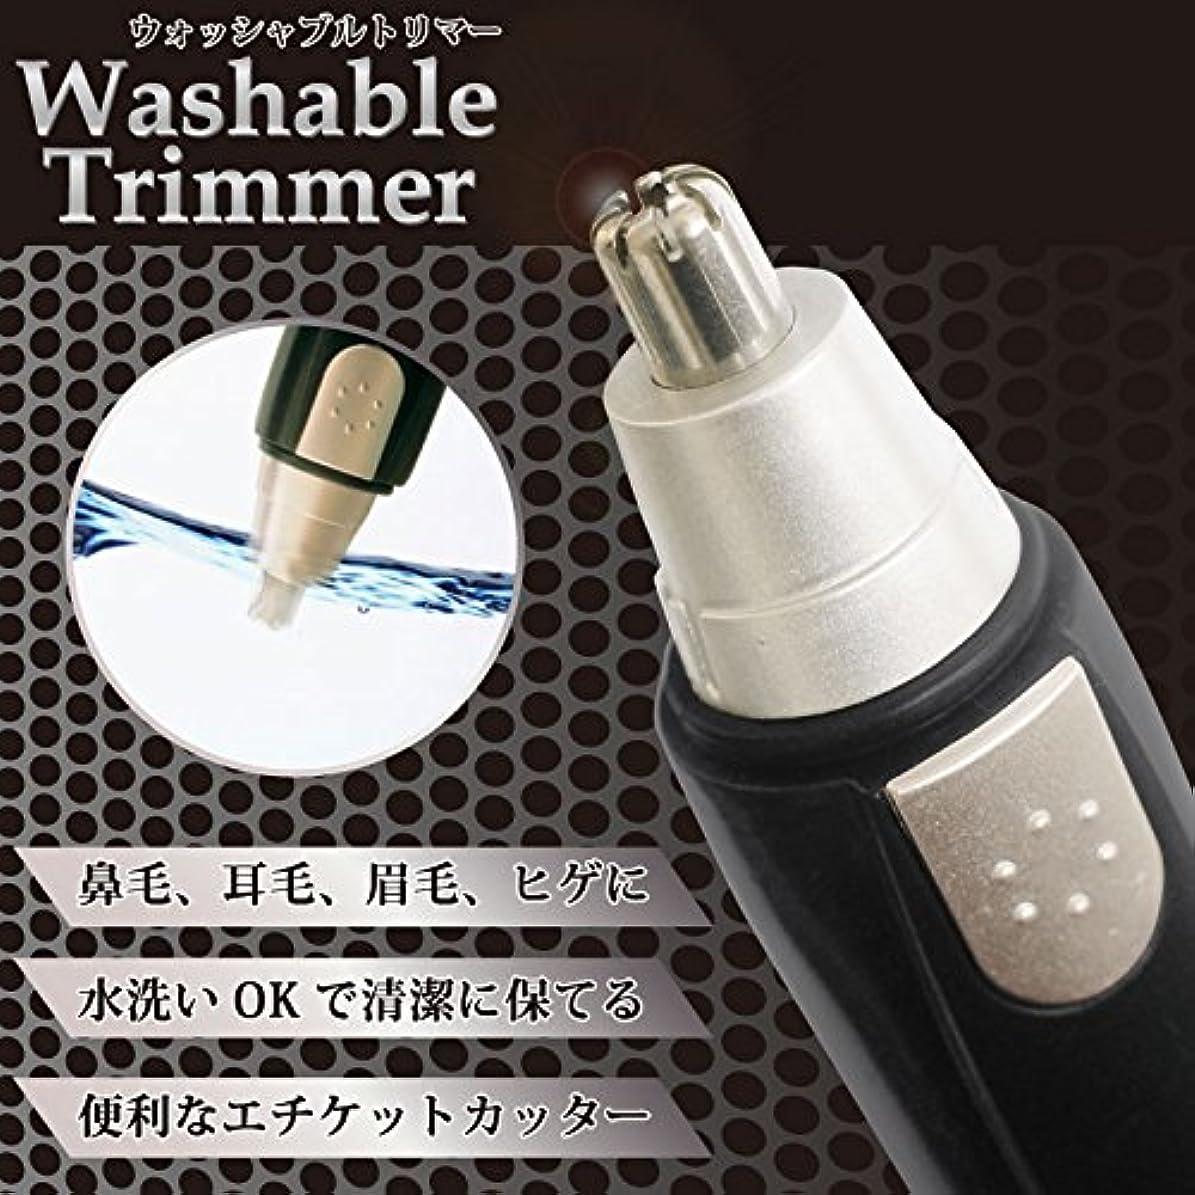 アルネ教師の日ベックスウォッシャブルトリマー HRN-250水洗いOK 乾電池式 専用ブラシ付 小型エチケットカッター